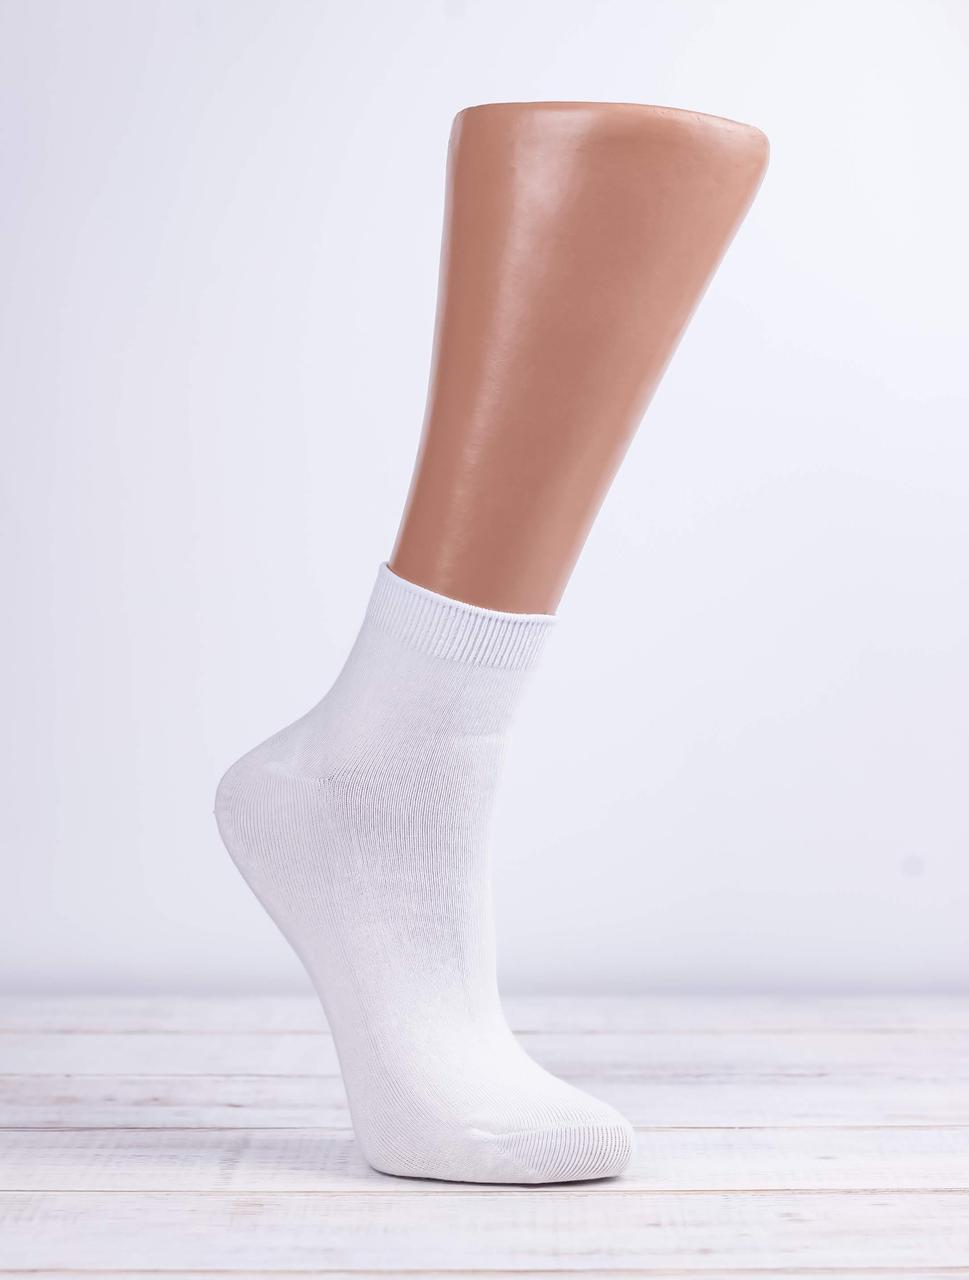 Жіночі однотонні антибактеріальні носки шкарпетки стрейчеві Z&N бамбук патік 35-40 12 шт в уп білі